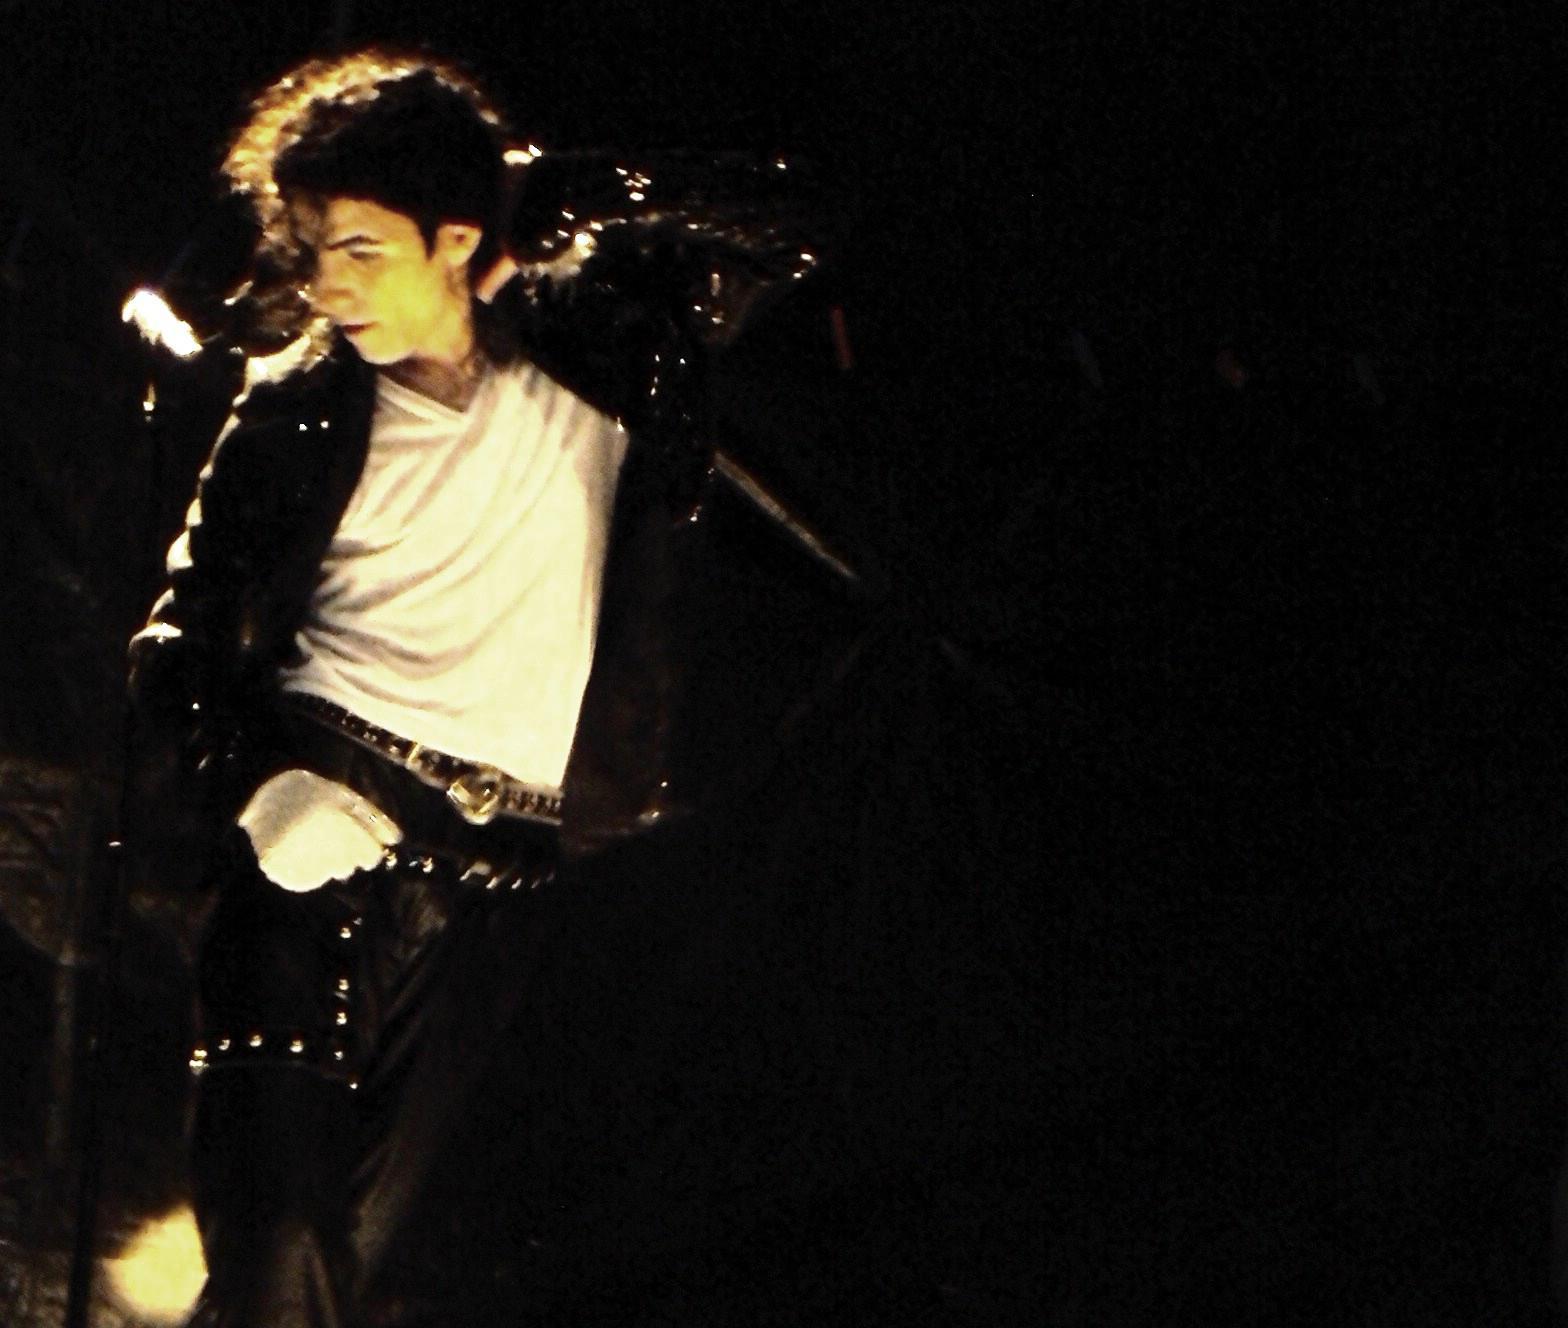 Delfim Miranda - Michael Jackson Tribute - In the Azores Islands - Billie Jean